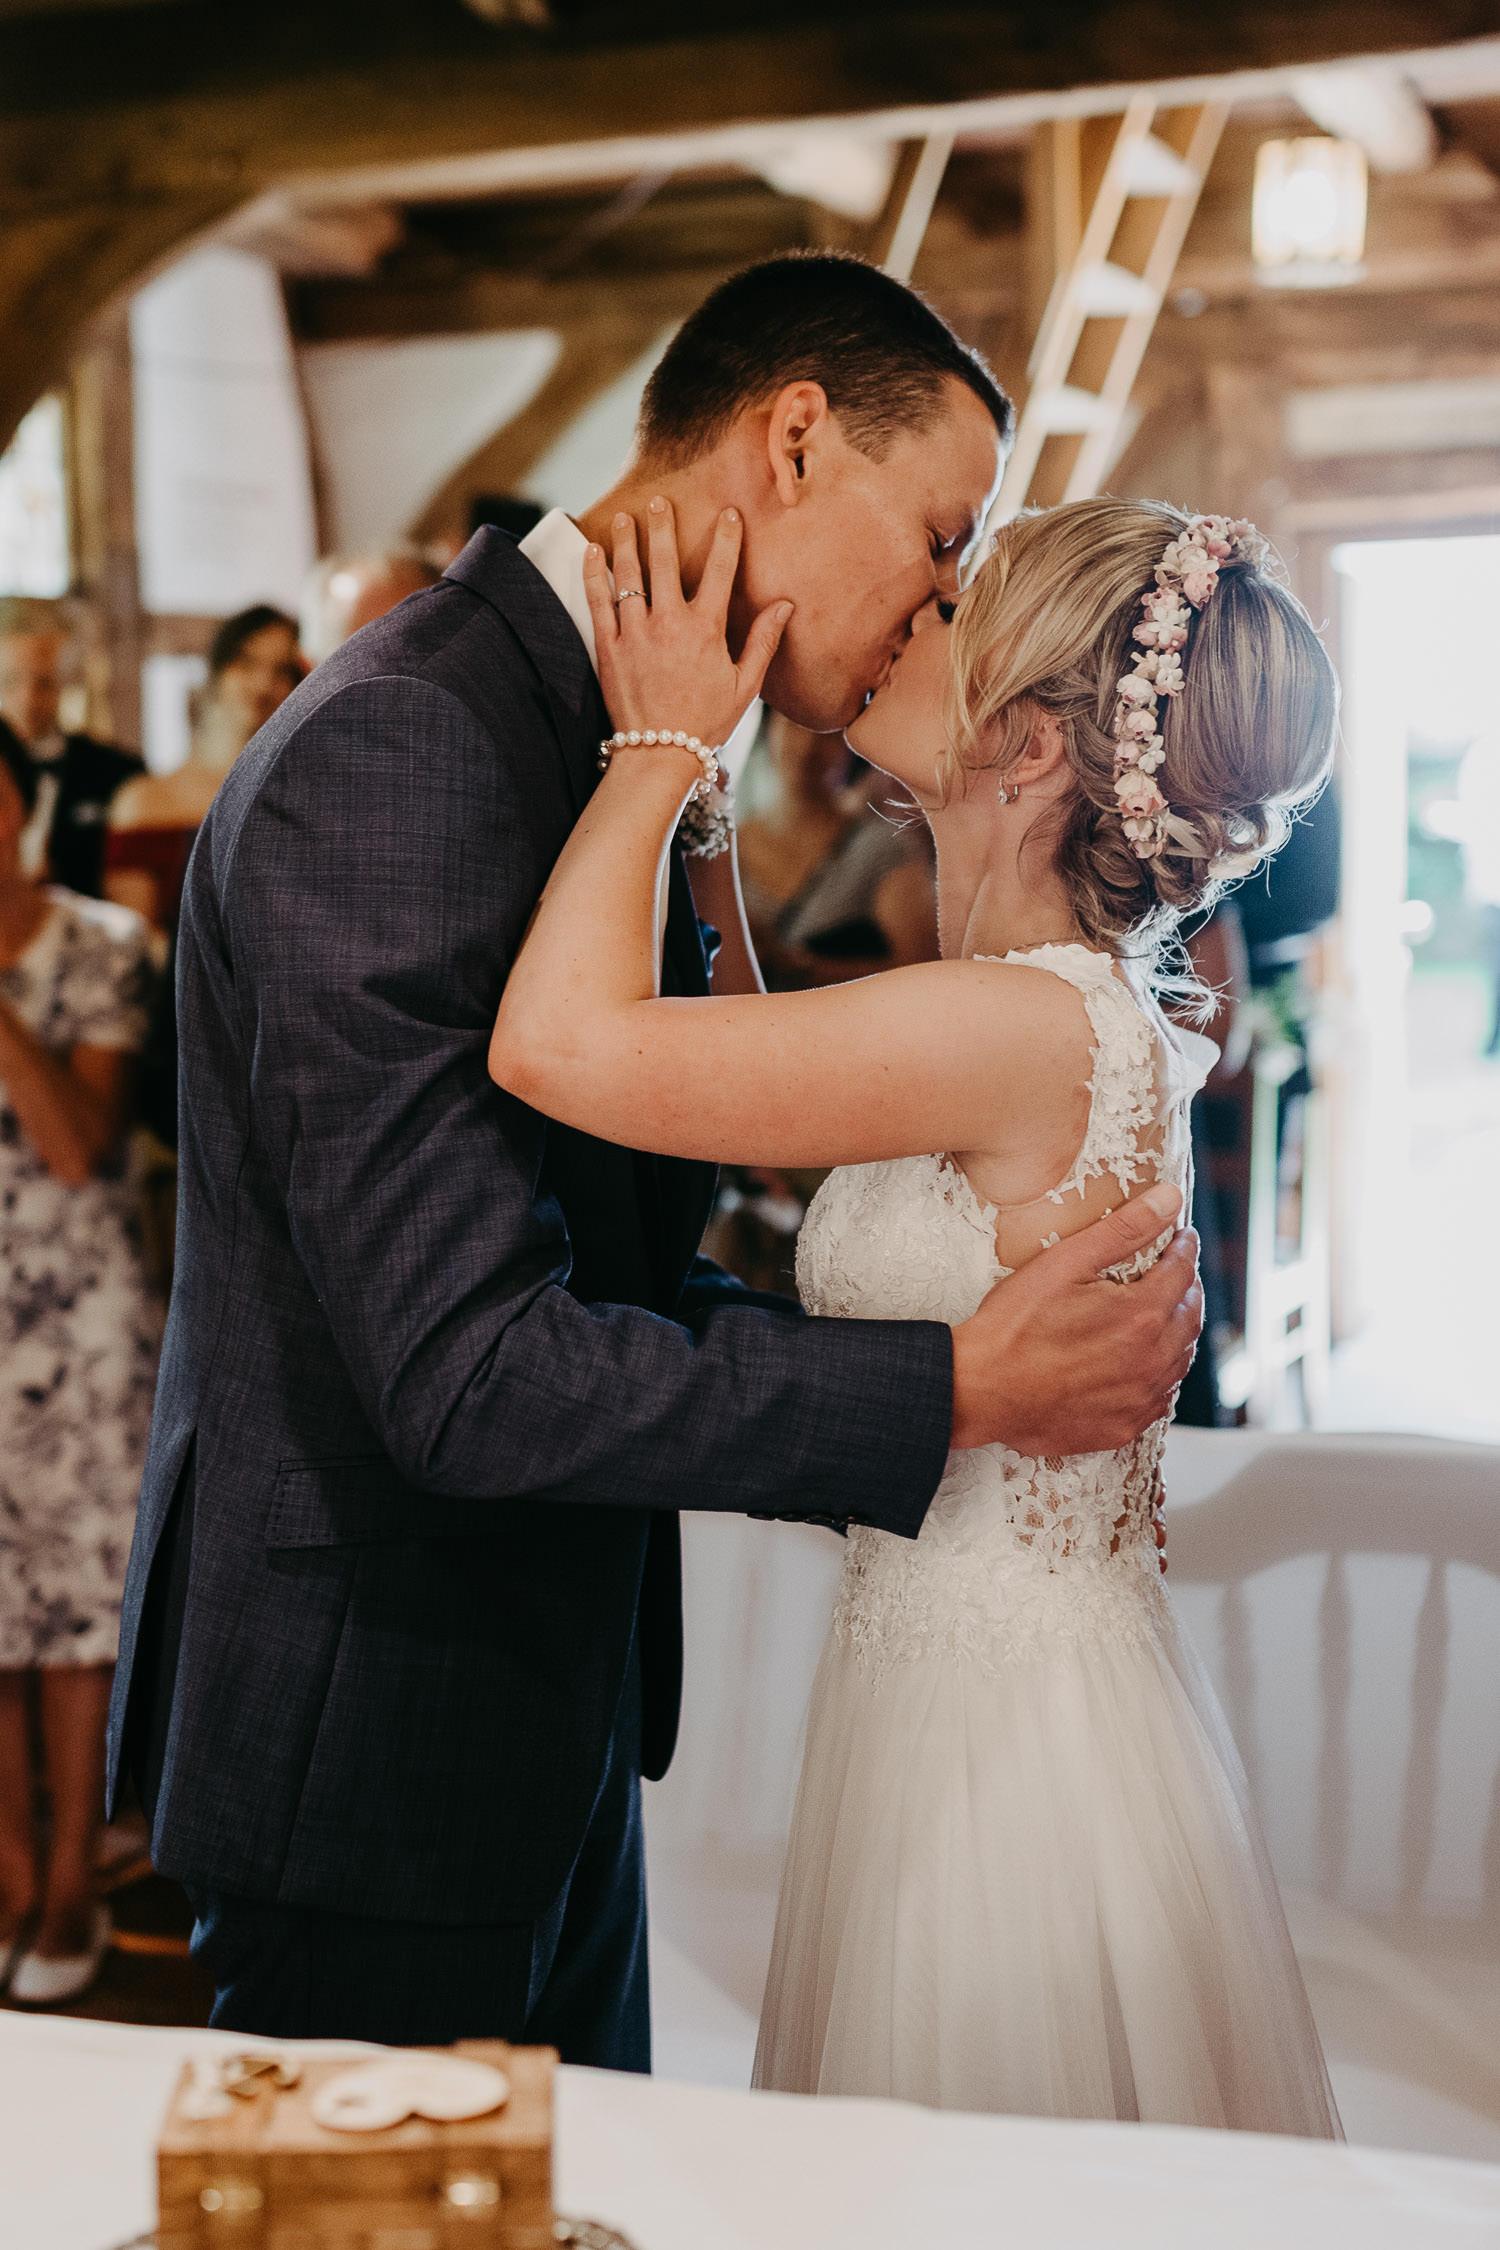 Hochzeitskuss in der Hirtenkapelle im gastlichen Dorf Delbrück